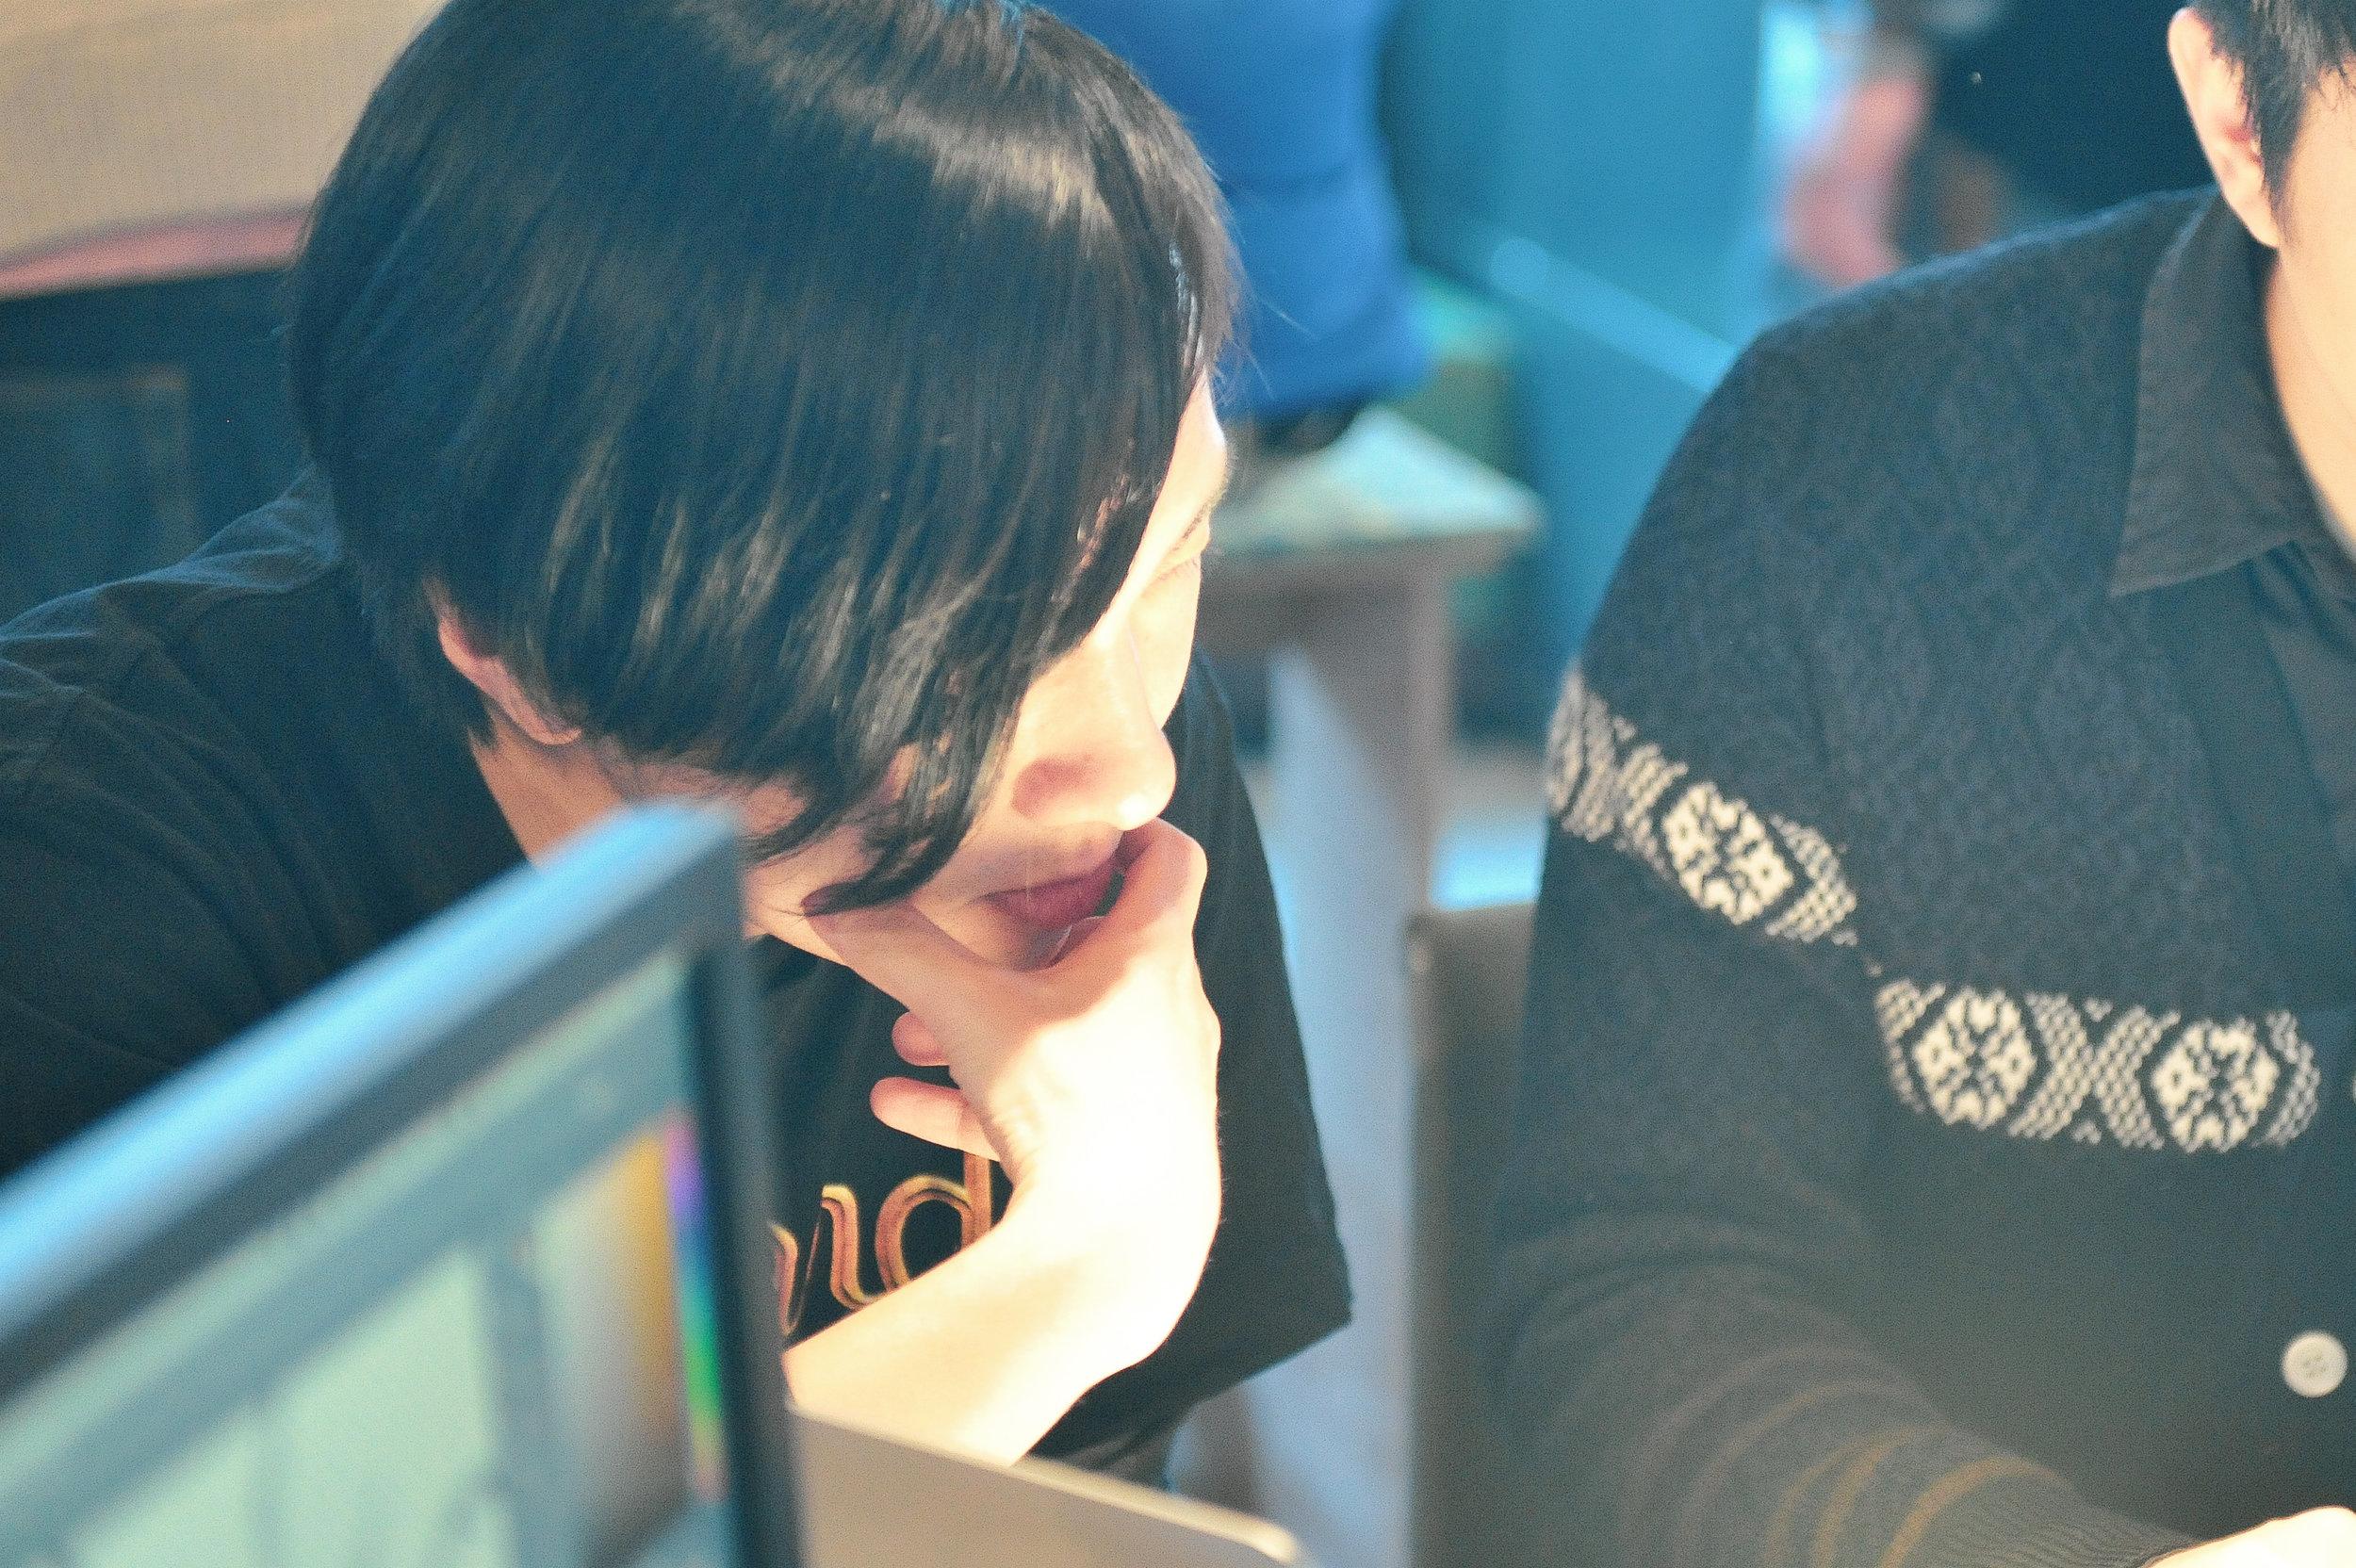 山本 晋平(Shimpei Yamamoto) - 取締役Game Developer / Web Engineer経歴2010-2015年まで、 Konami Dedital Entertaiment にてコンシューマーゲーム開発にプランナー、レベルデザイナーとして従事2015年から、株式会社SKYS を立ち上げ、取締役として活動開始2015-2017年まで、株式会社 Pastoral Dog にて Web エンジニアとして従事現在プランナーとしてコンシューマゲーム開発に従事取得ライセンスCertified ScrumMasterCertified Scrum Product OwnerCertified Scrum DeveloperCertified LeSS PractitionerRuby Silver